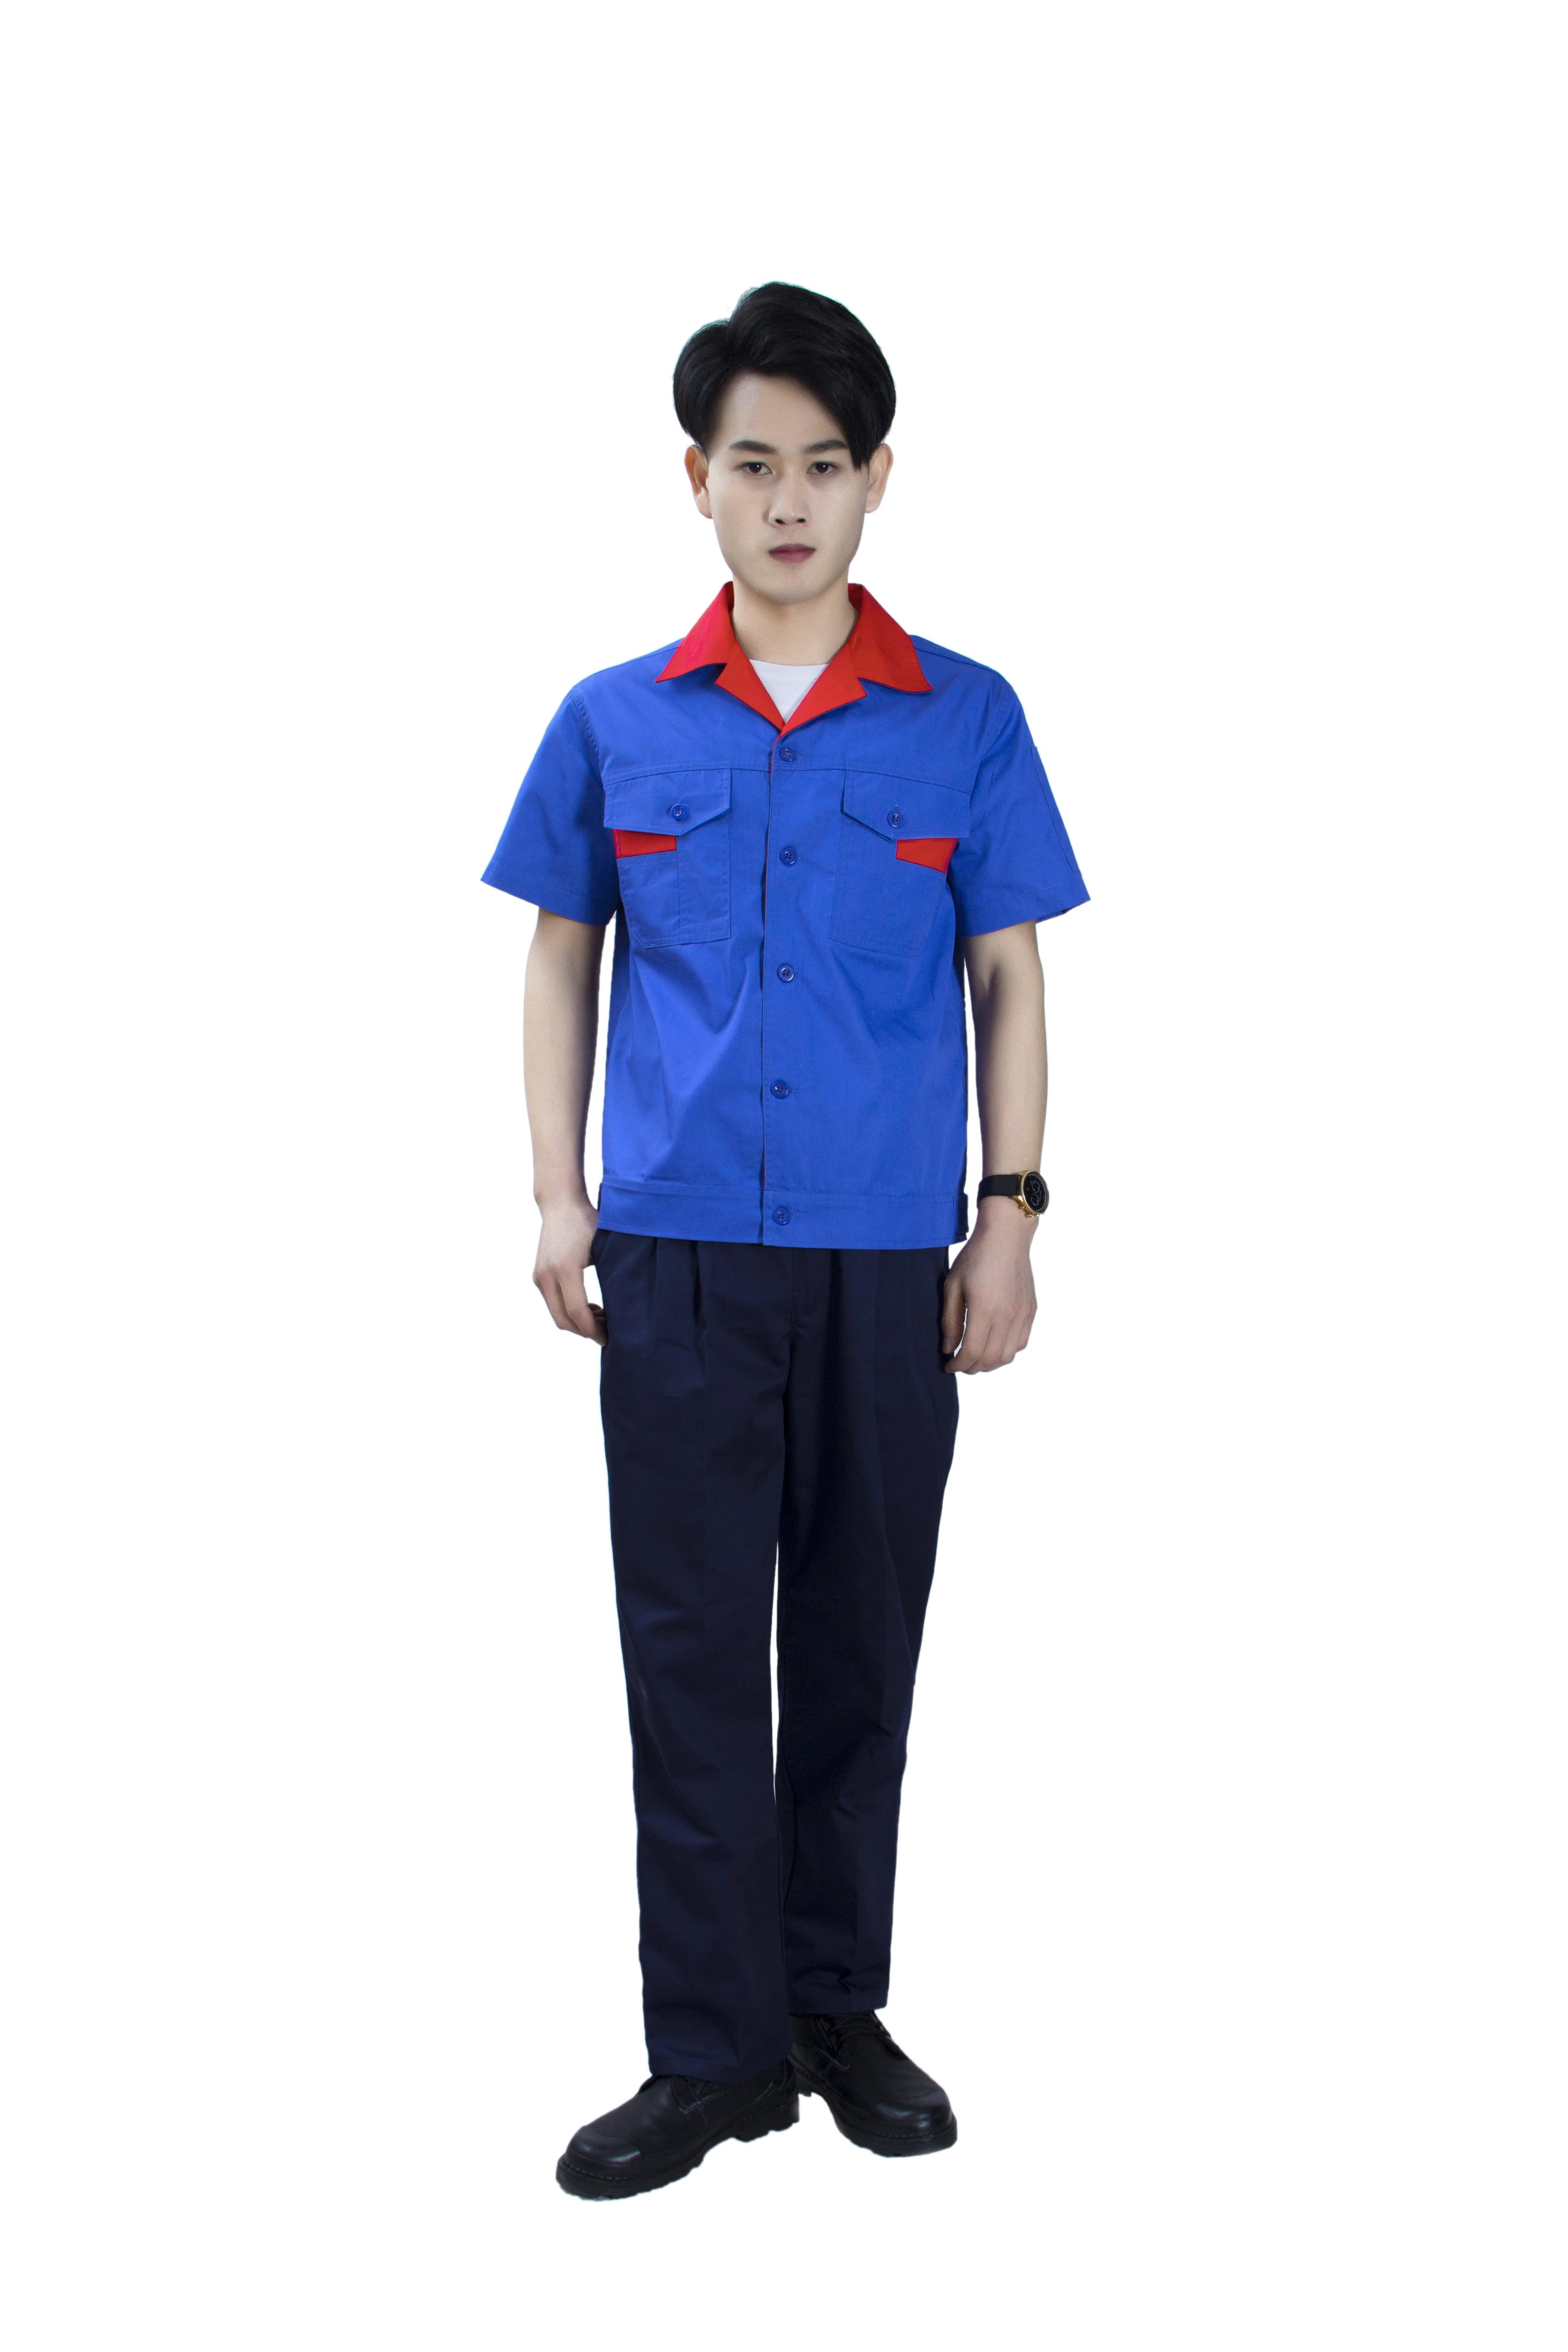 耐麿劳保服车间员工工衣订做龙岗工厂厂服订做|龙岗装修工作服|龙岗超市工衣制服